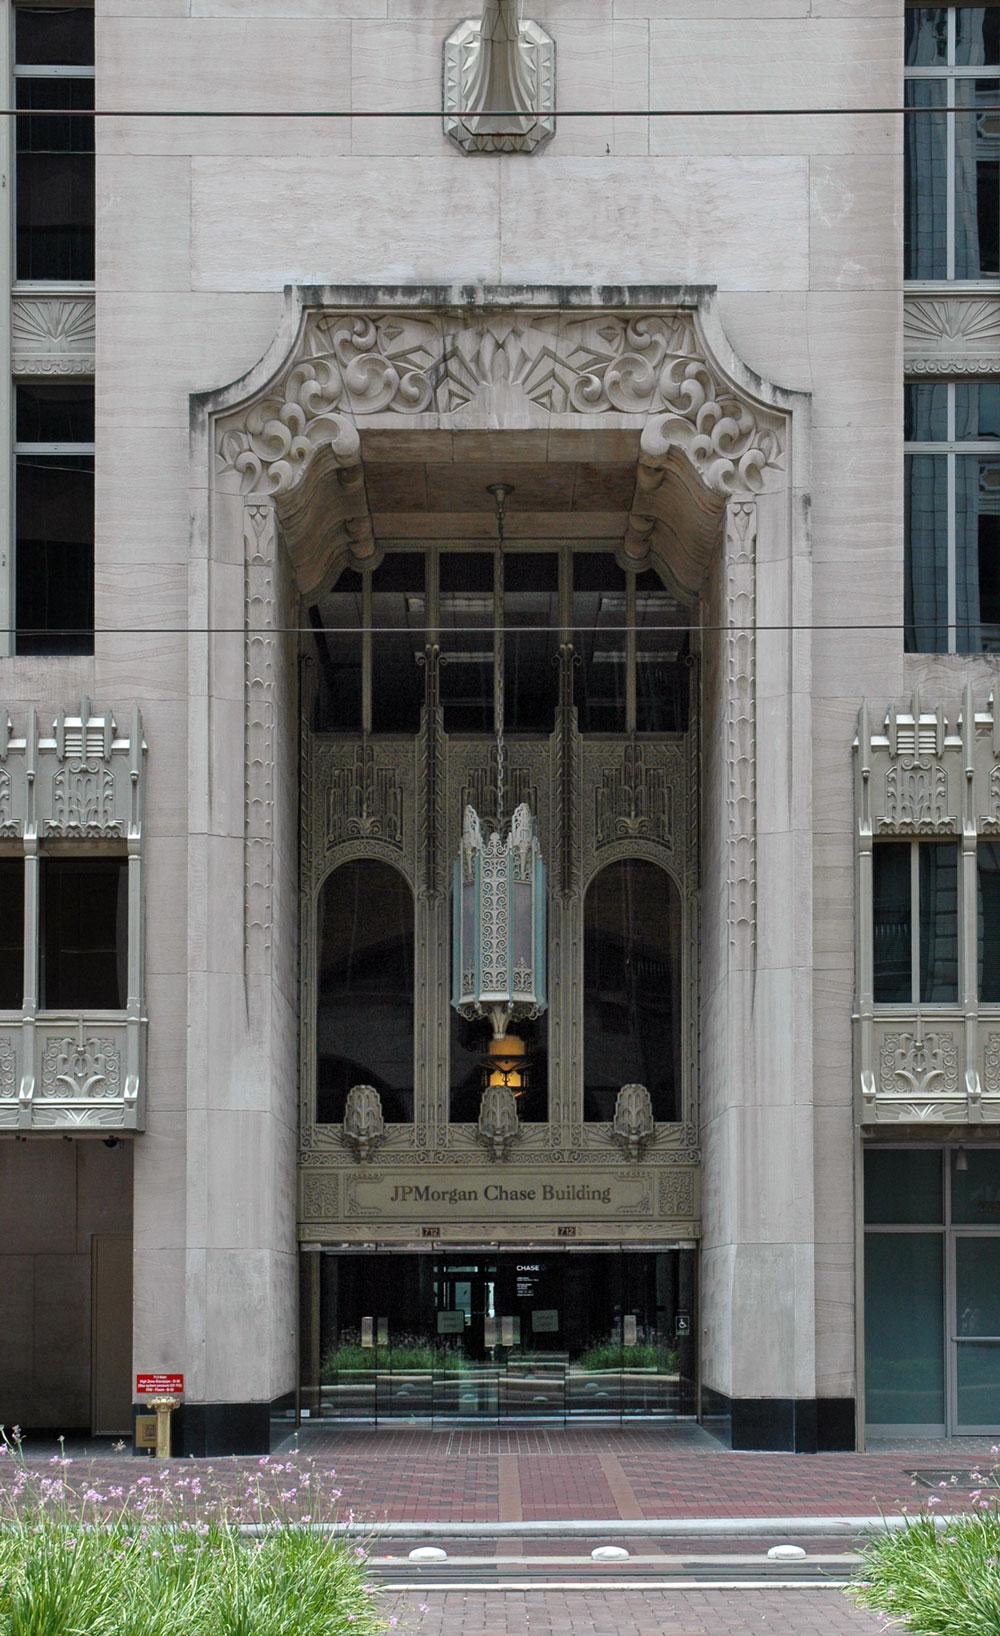 deco_gulf-entrance-2.jpg